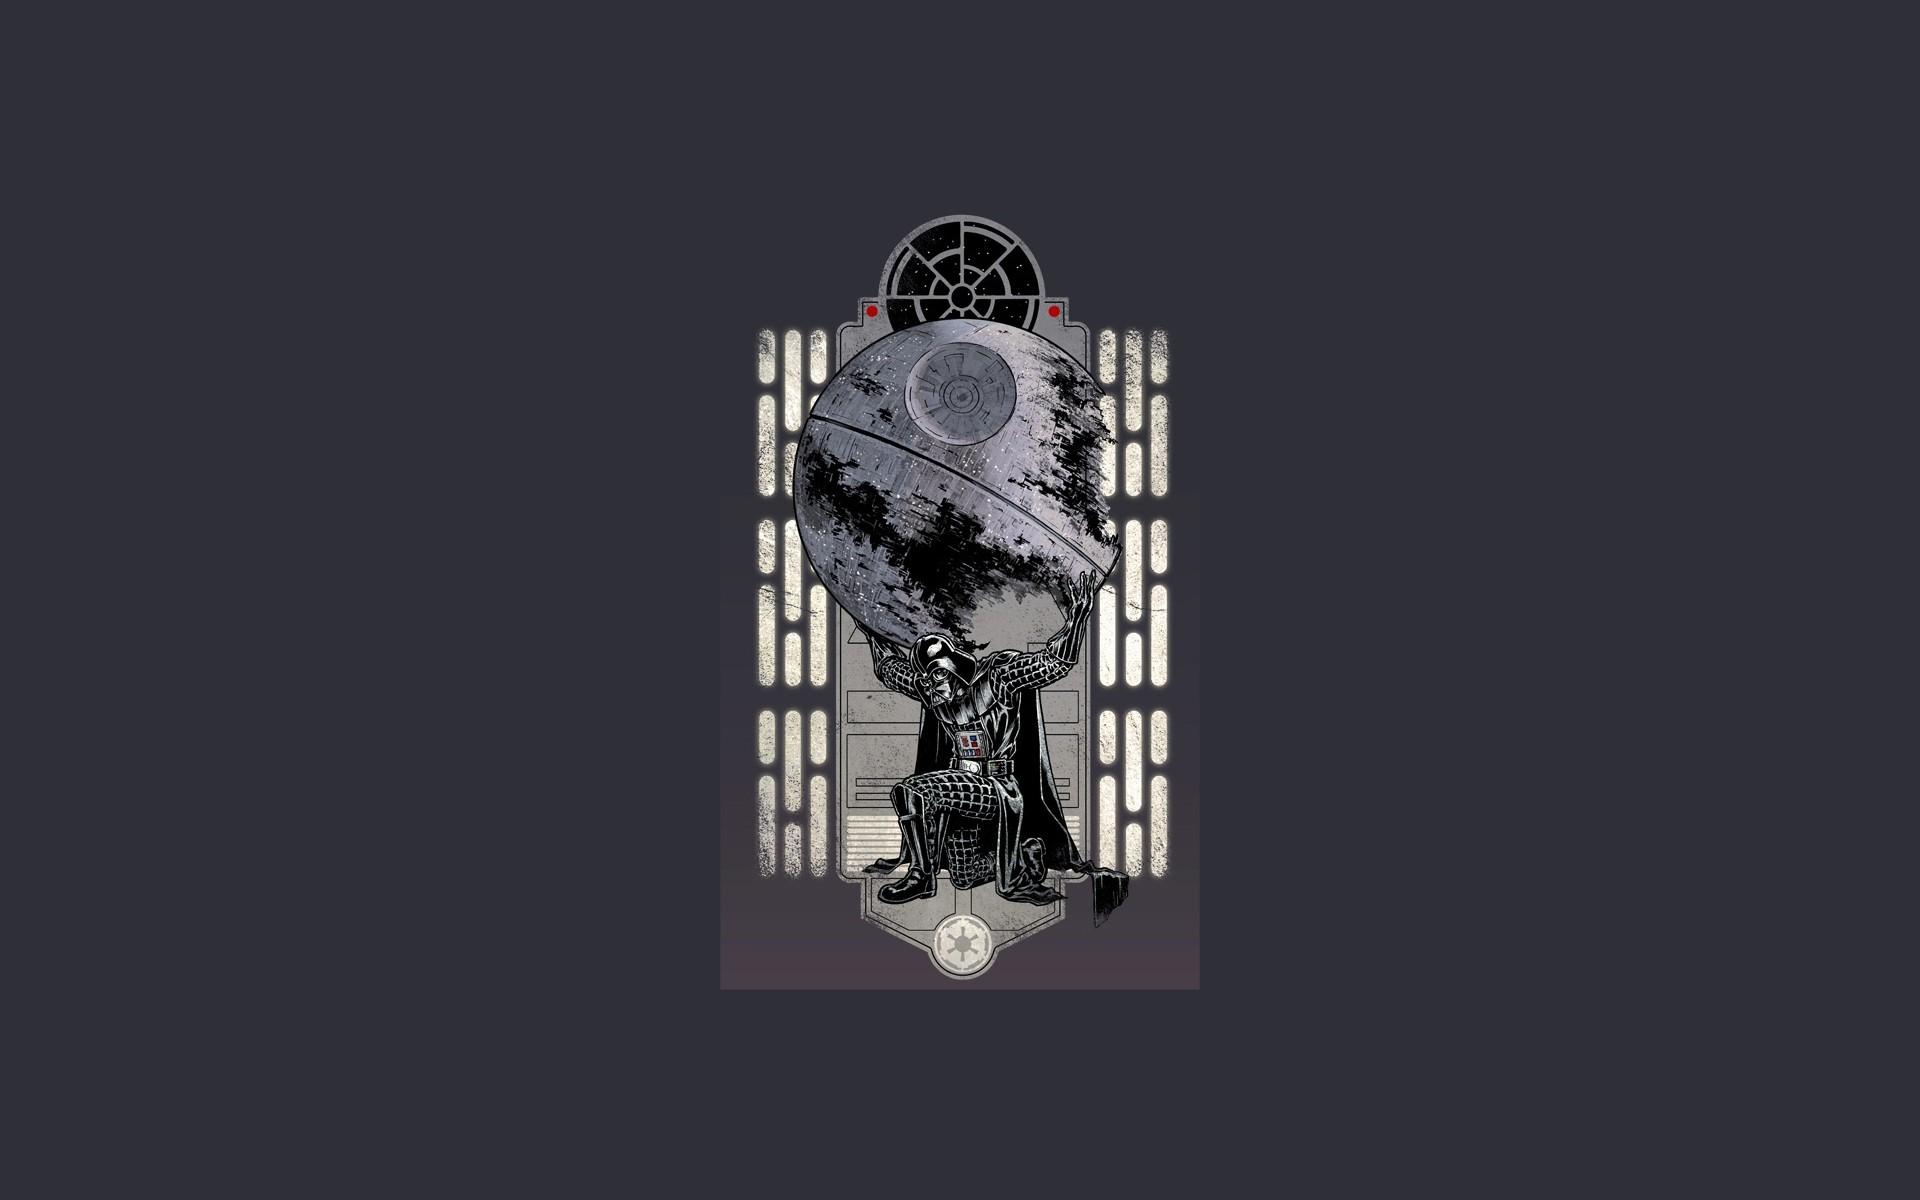 Mandalorian IPhone Wallpaper (65+ Images